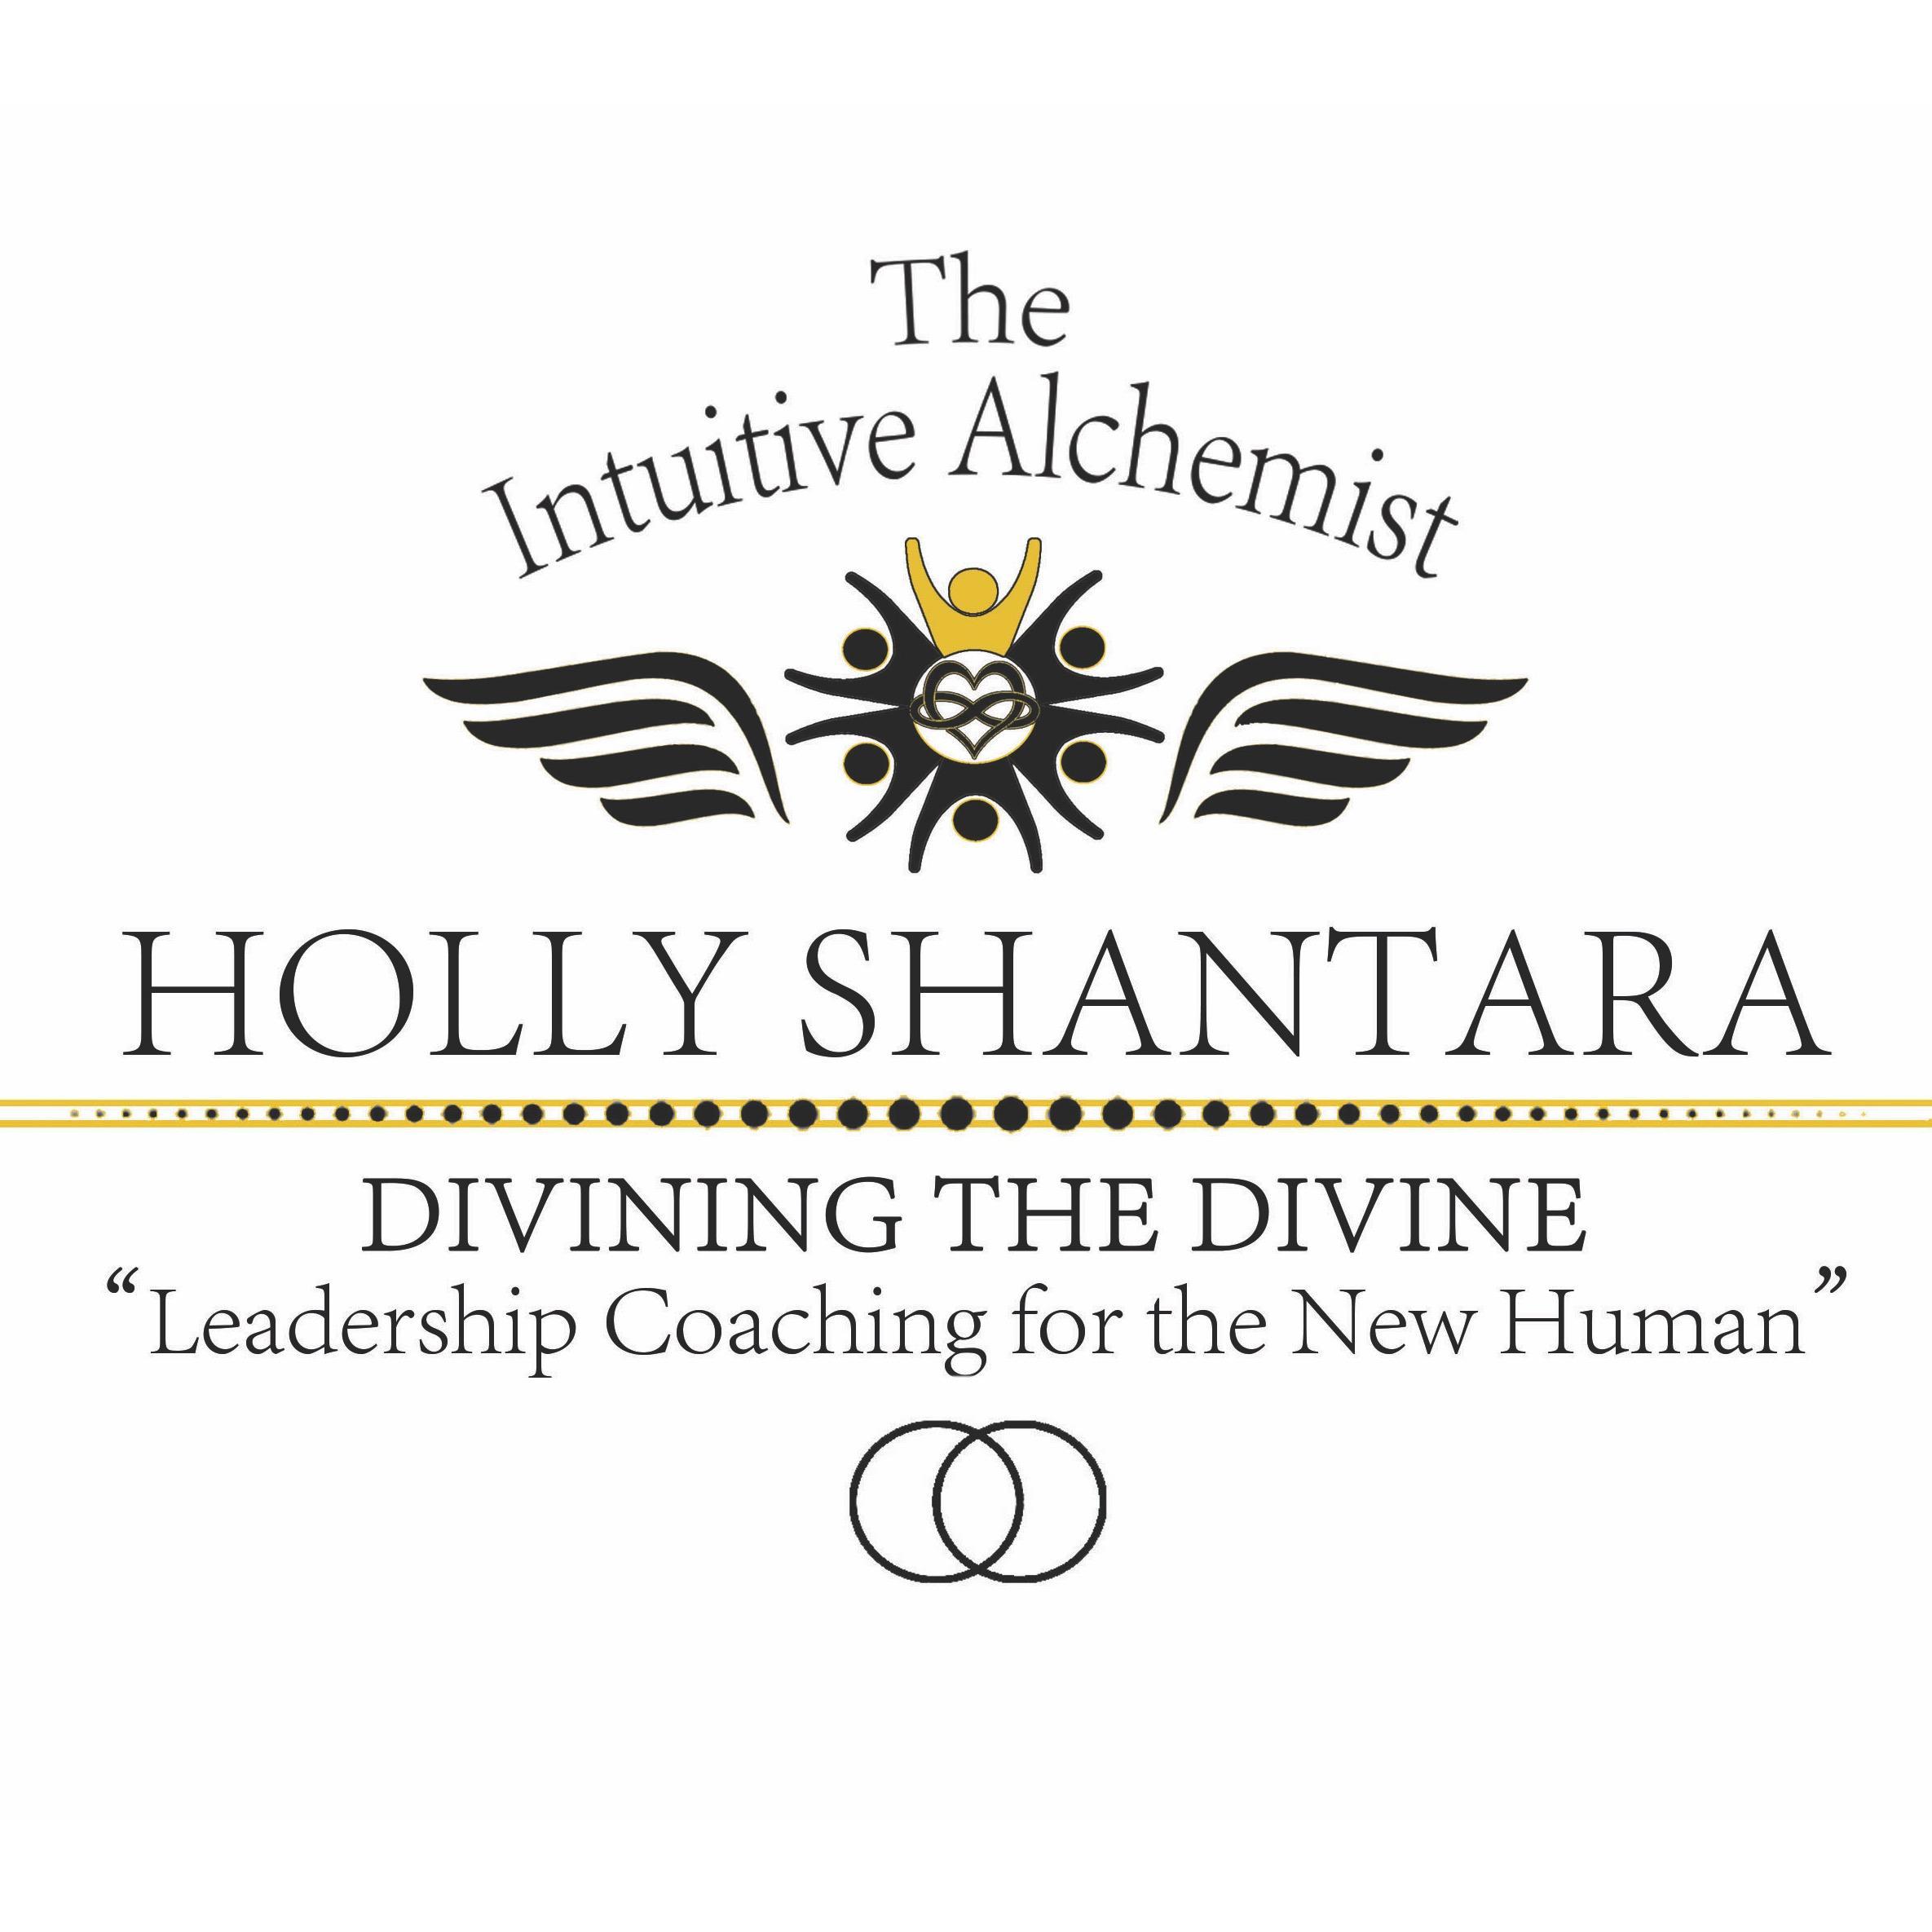 HollyShantara.com